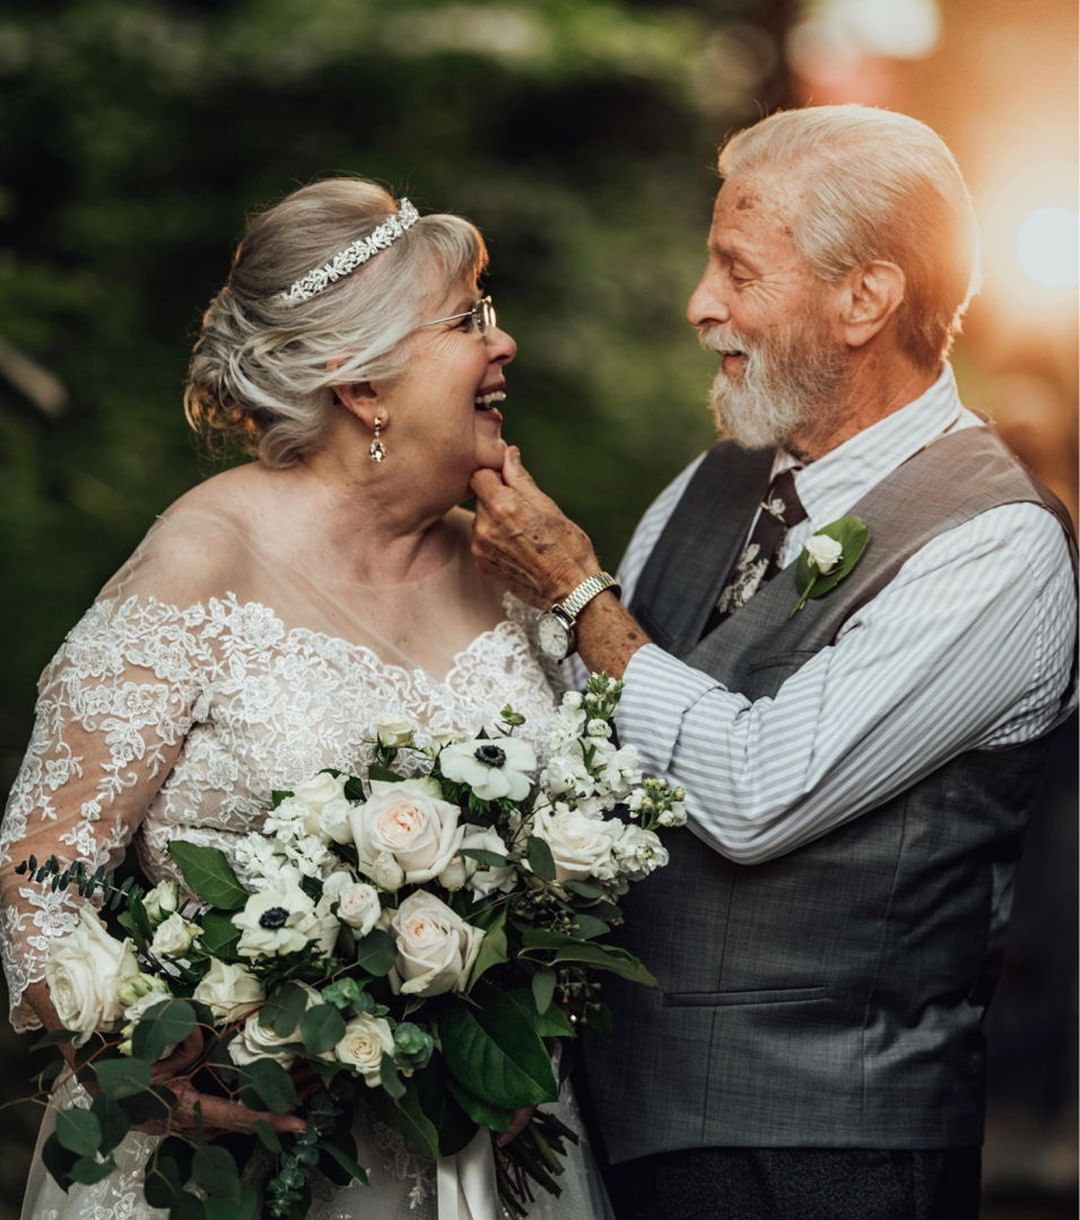 районе множество день свадьбы 23 года фото видов встречаются